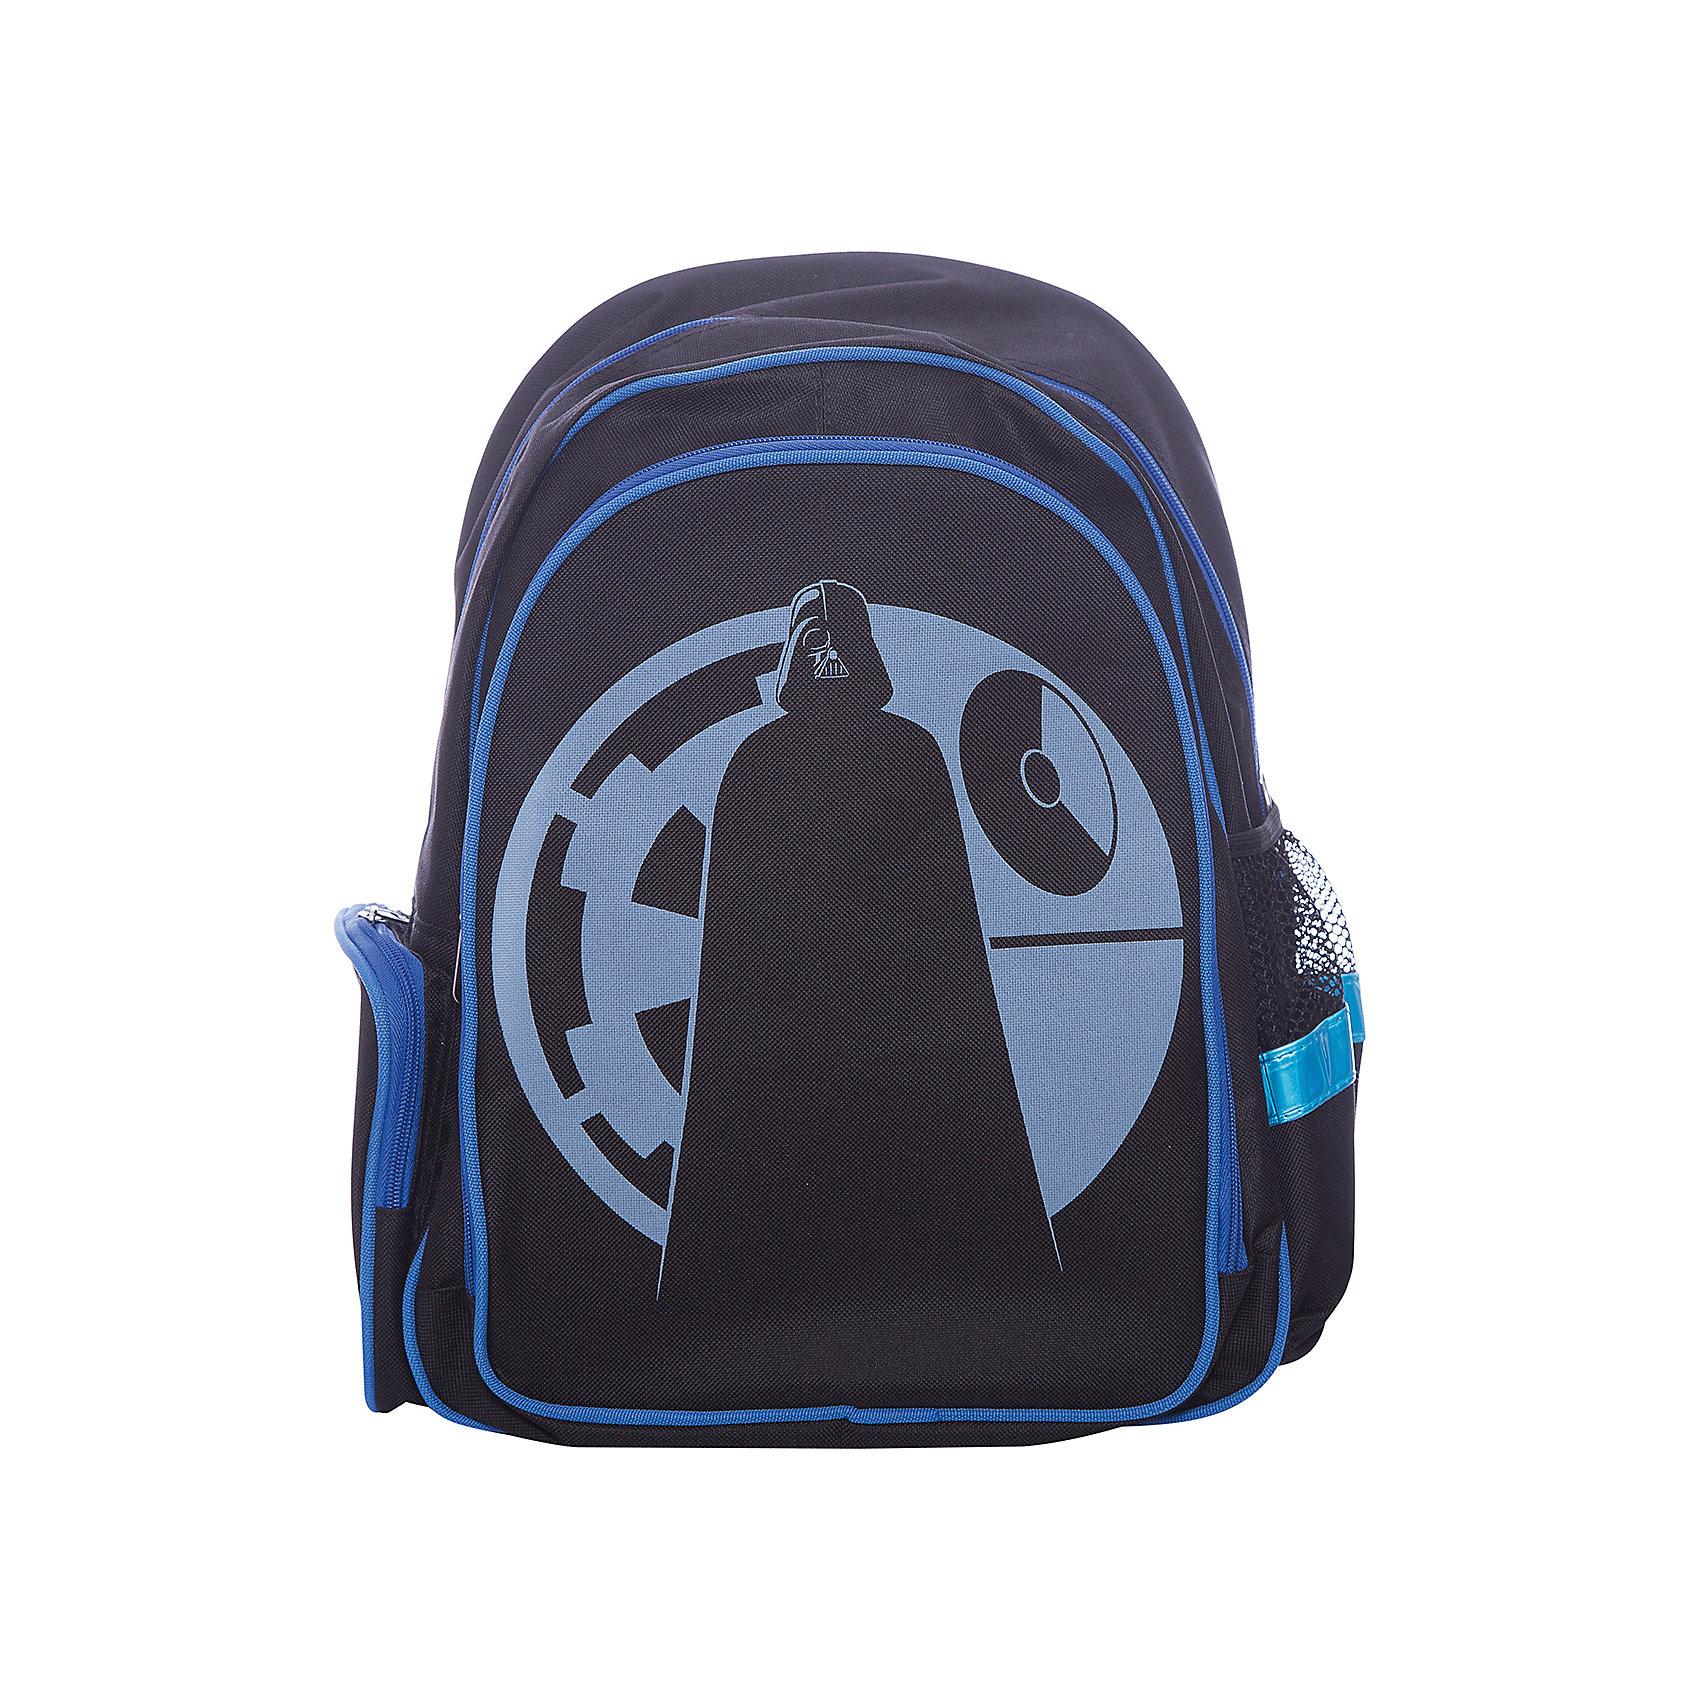 Рюкзак школьный Звездные войныШкольные рюкзаки<br>Вес: 620 г.<br>Размер: 43х31х16 см.<br>Состав: нет<br>Наличие светоотражающих элементов: да<br>Материал: жаккард<br>Спина: уплотненная<br>Наличие дополнительных карманов внутри: нет<br>Дно выбрать: жесткое<br>Количество отделений: 1<br>Боковые карманы: есть, молния, резинка<br>Замок: молния<br>Вмещает А4: да<br>Подойдет для возраста какого 6-11 лет<br>Рюкзак, материал жаккард, 840 ден, уплотненная спинка, широкие мягкие регулируемые лямки, 1 отделение, 2 боковых кармана, 1 внешний большой карман на молнии, ручка-петля<br><br>Ширина мм: 160<br>Глубина мм: 310<br>Высота мм: 430<br>Вес г: 620<br>Возраст от месяцев: 72<br>Возраст до месяцев: 2147483647<br>Пол: Мужской<br>Возраст: Детский<br>SKU: 6842114